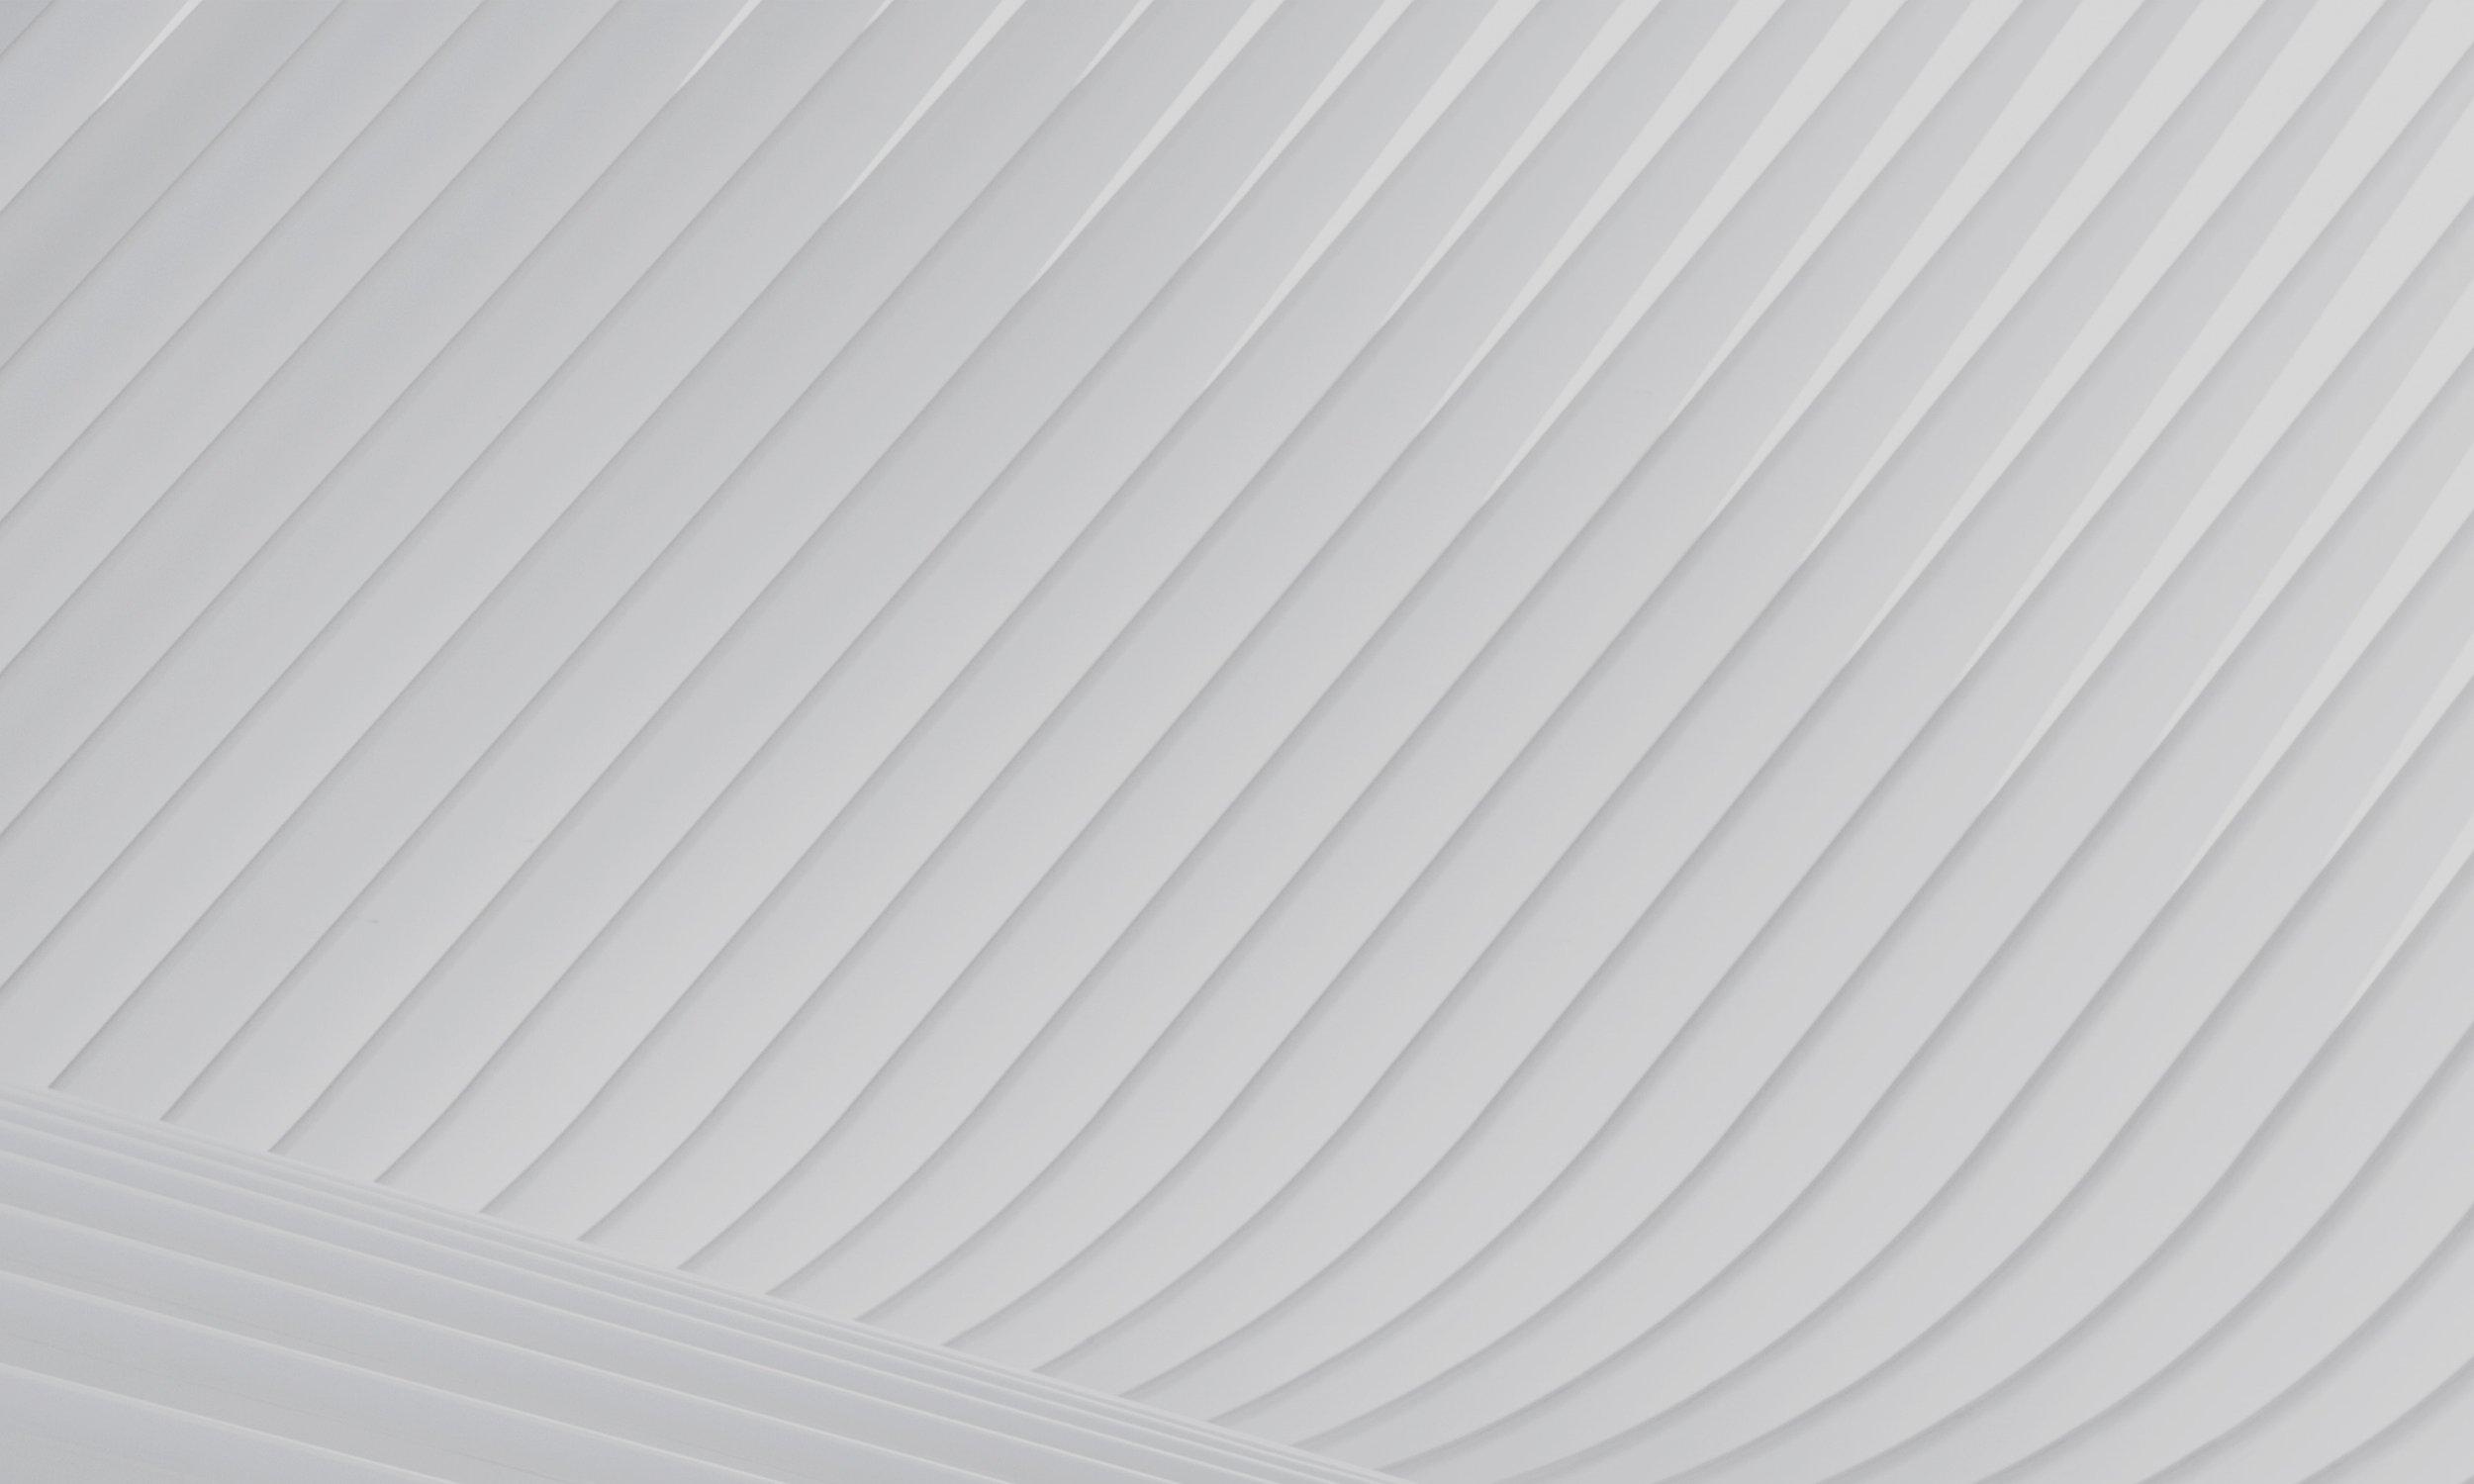 enterprise-ethereum-bg-01